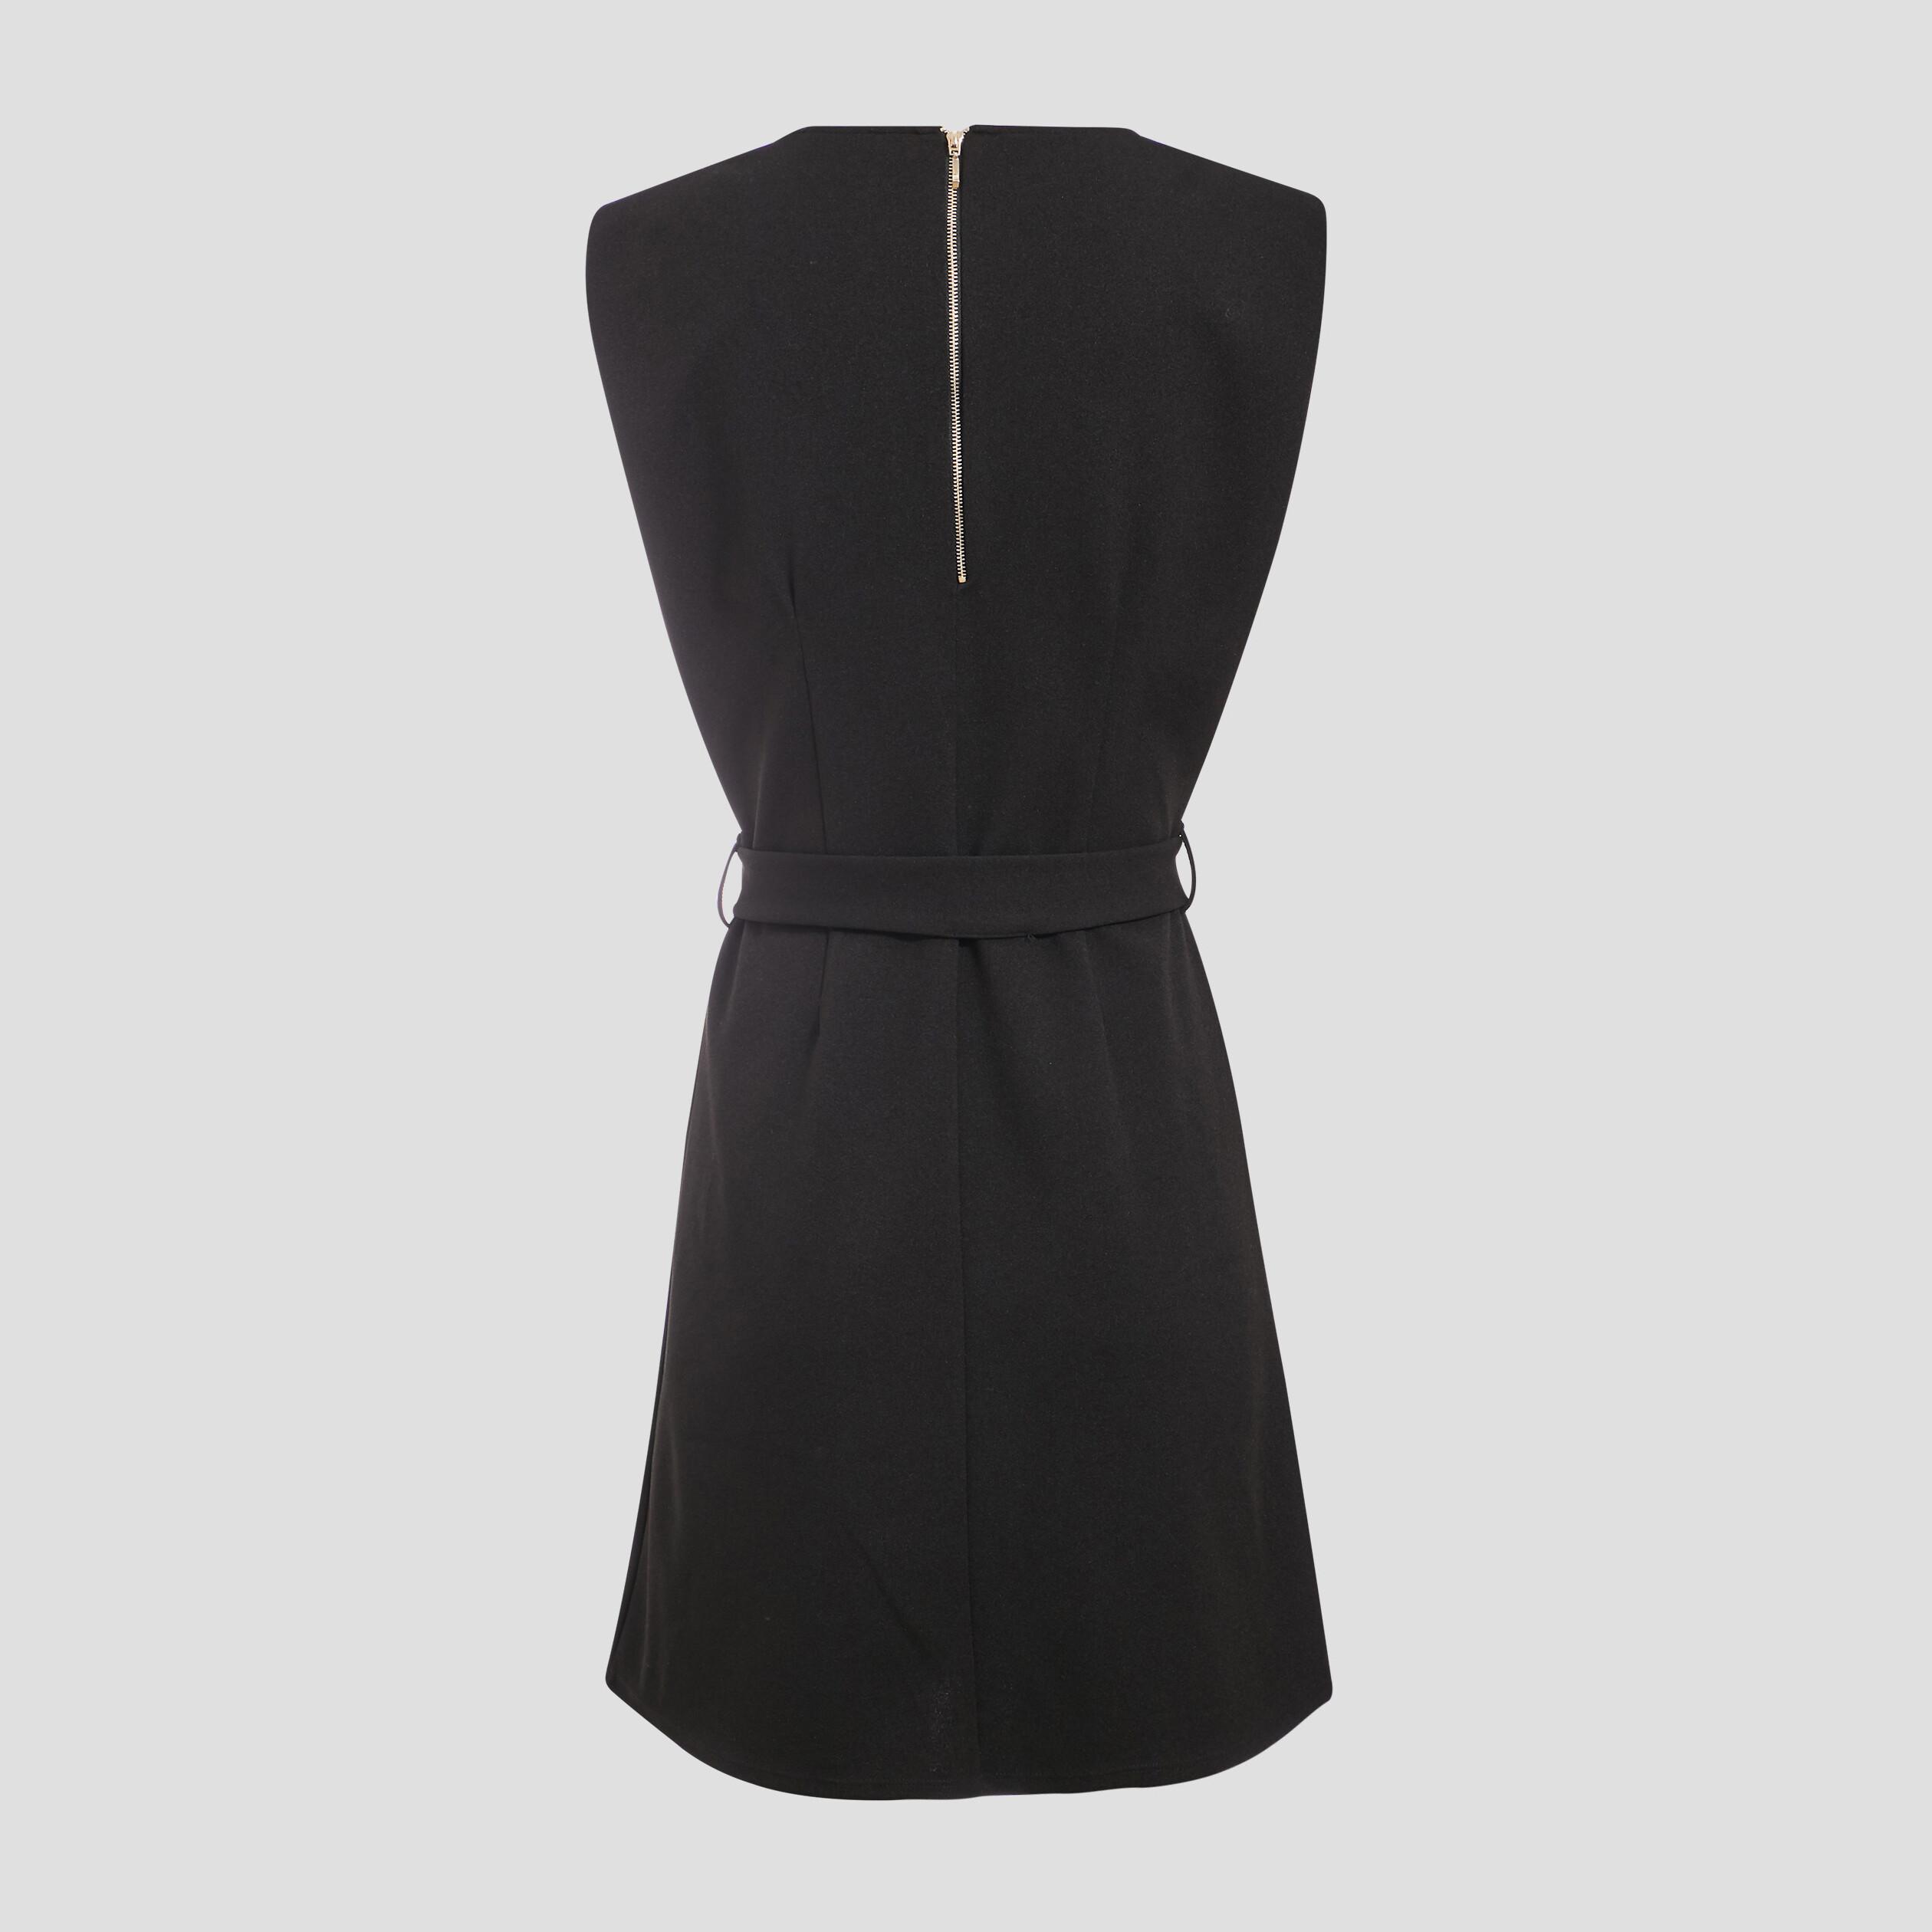 Robe Droite Avec Epaulettes Noir Femme Vib S